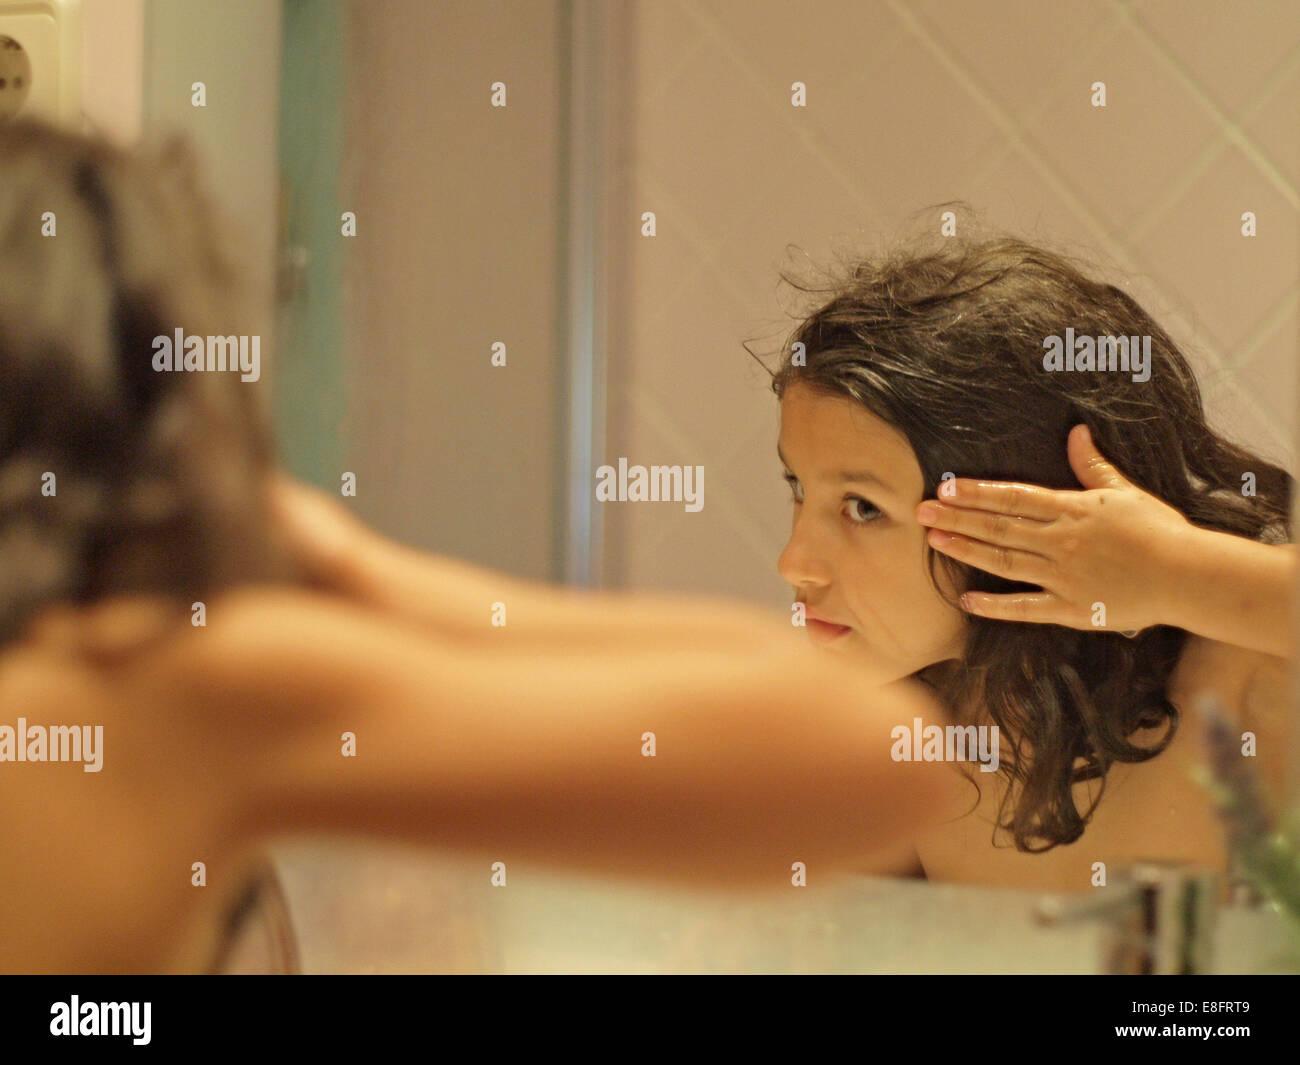 Chica con el cabello húmedo mirando la reflexión en espejo Imagen De Stock